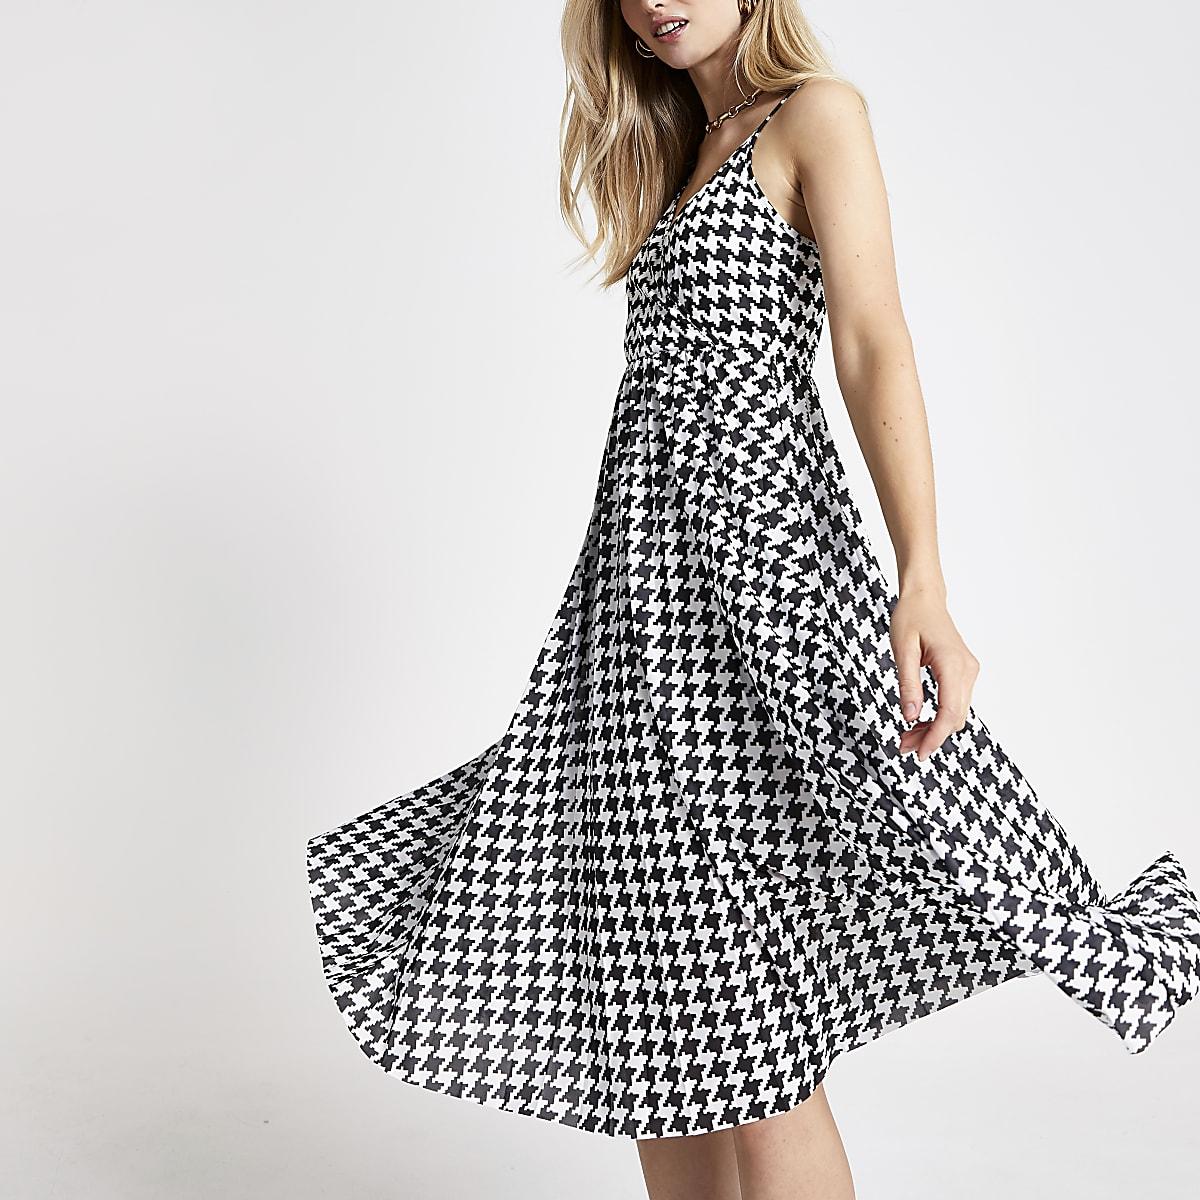 Witte geplooide jurk met overslag en pied-de-poule-print